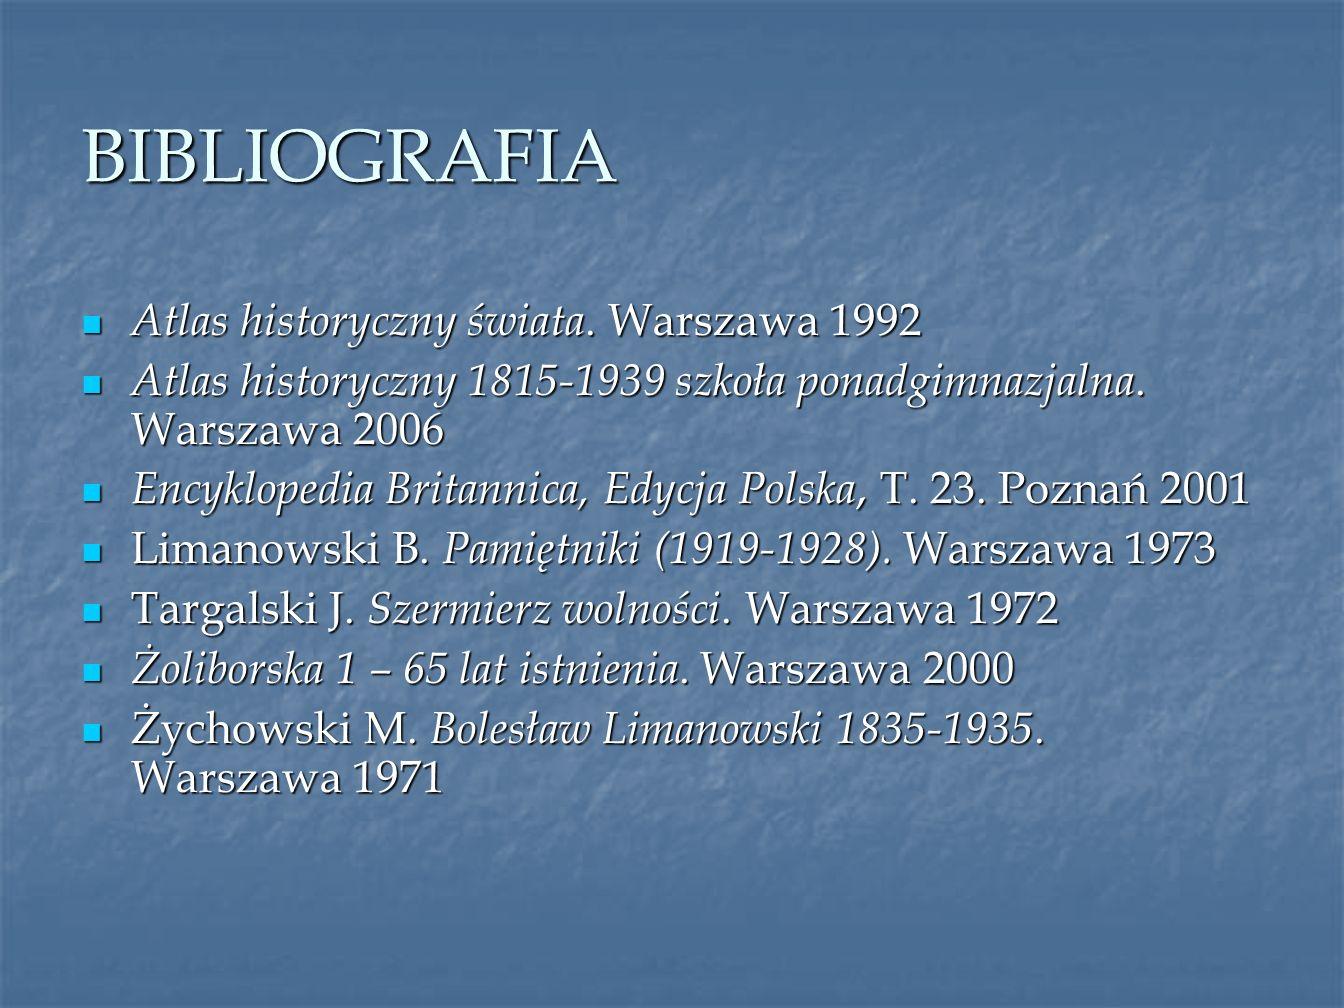 BIBLIOGRAFIA Atlas historyczny świata. Warszawa 1992 Atlas historyczny świata. Warszawa 1992 Atlas historyczny 1815-1939 szkoła ponadgimnazjalna. Wars